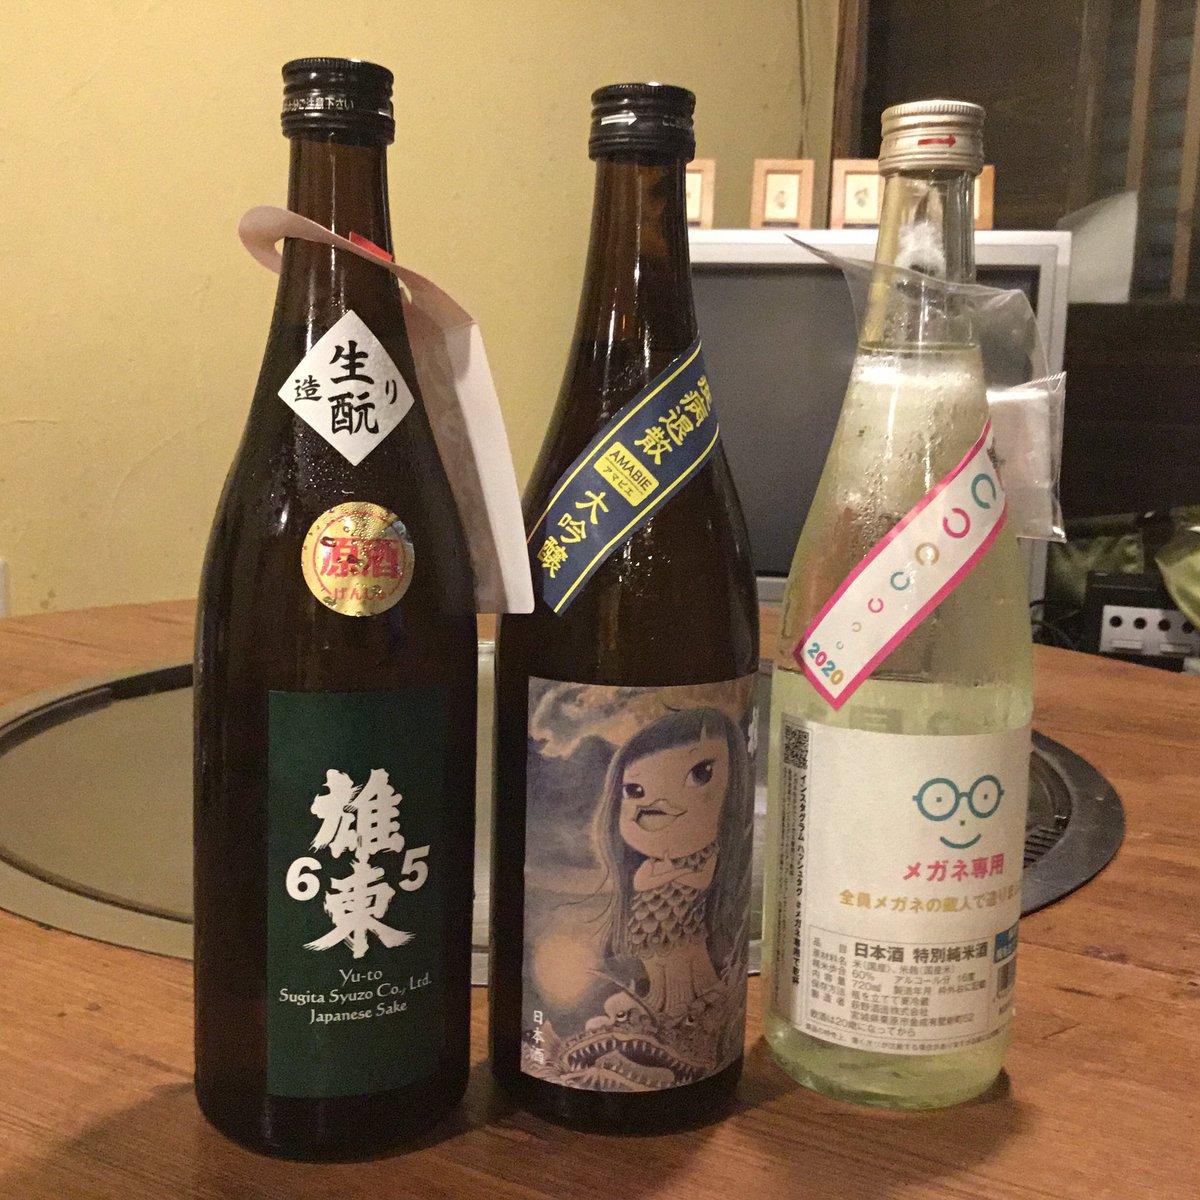 日本酒も仕入れて来たので、今夜も営業中。宜しくお願い致します。#お好み焼き #もんじゃ焼き #水戸  台風が逸れそうなので何より。言うても、明日は定休日なんですけどね。萩の鶴「メガネ専用」入荷しました。10月1日に開栓しようかと思ったのですが…木曜日。